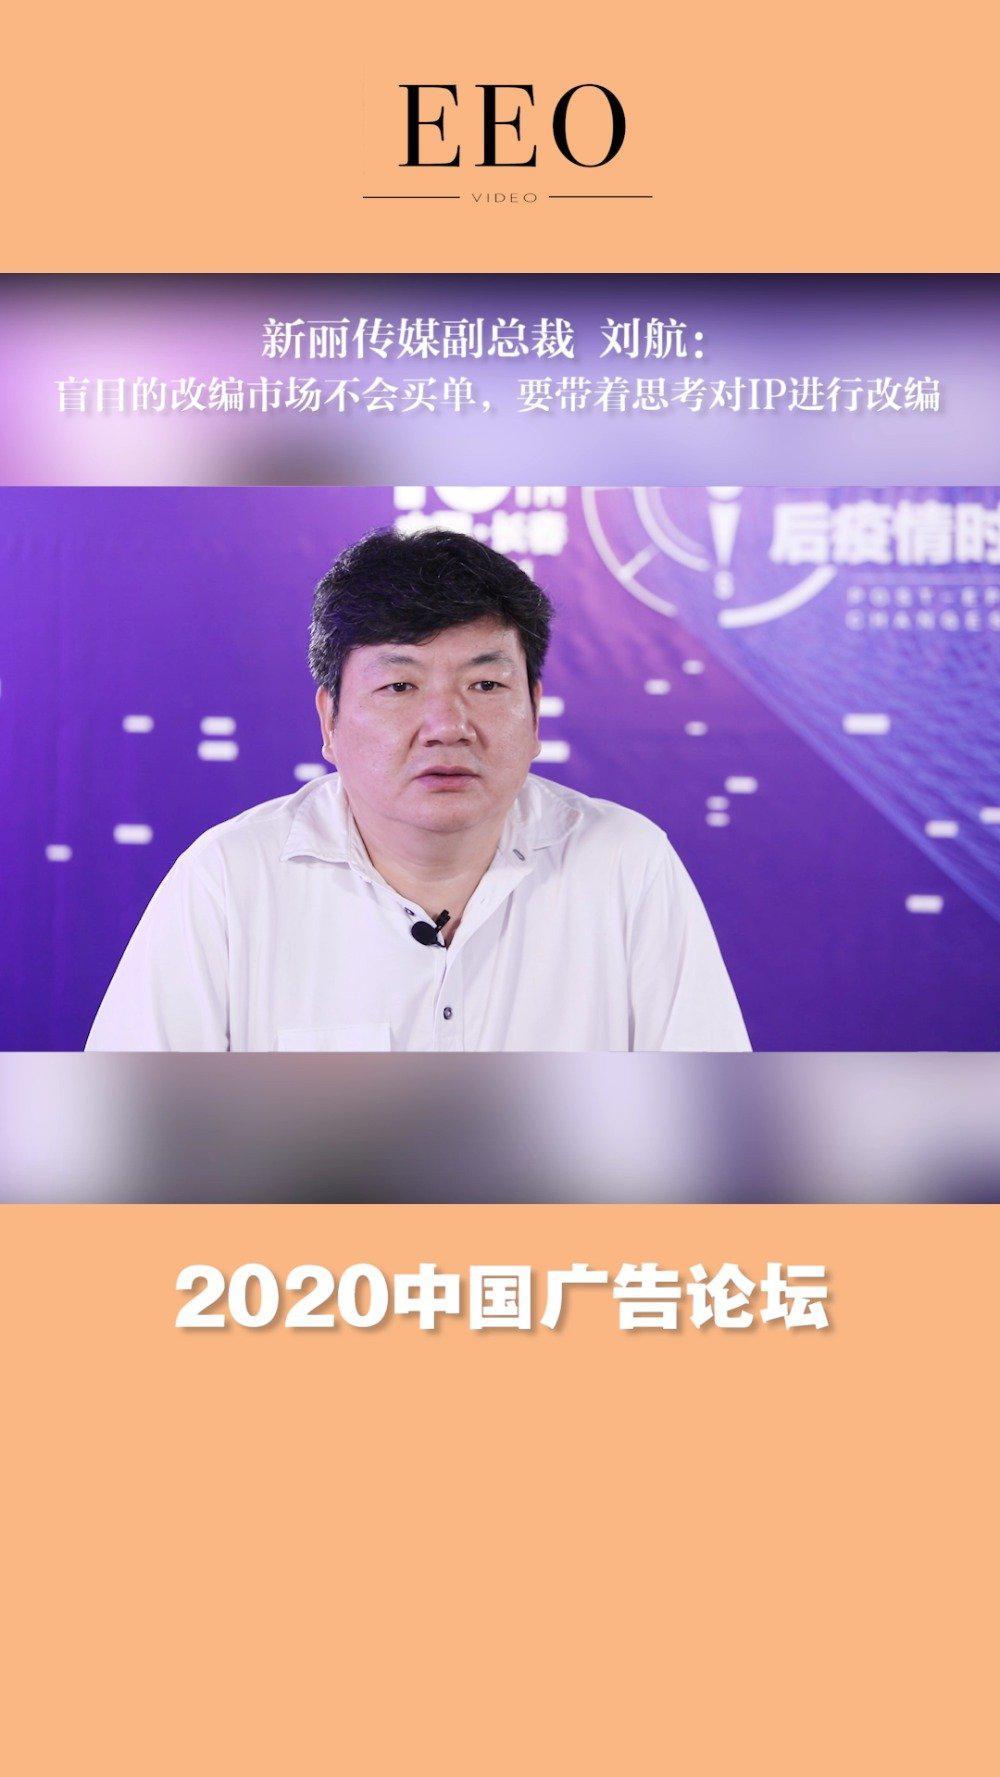 新丽传媒副总裁刘航:盲目的改编市场不会买单……